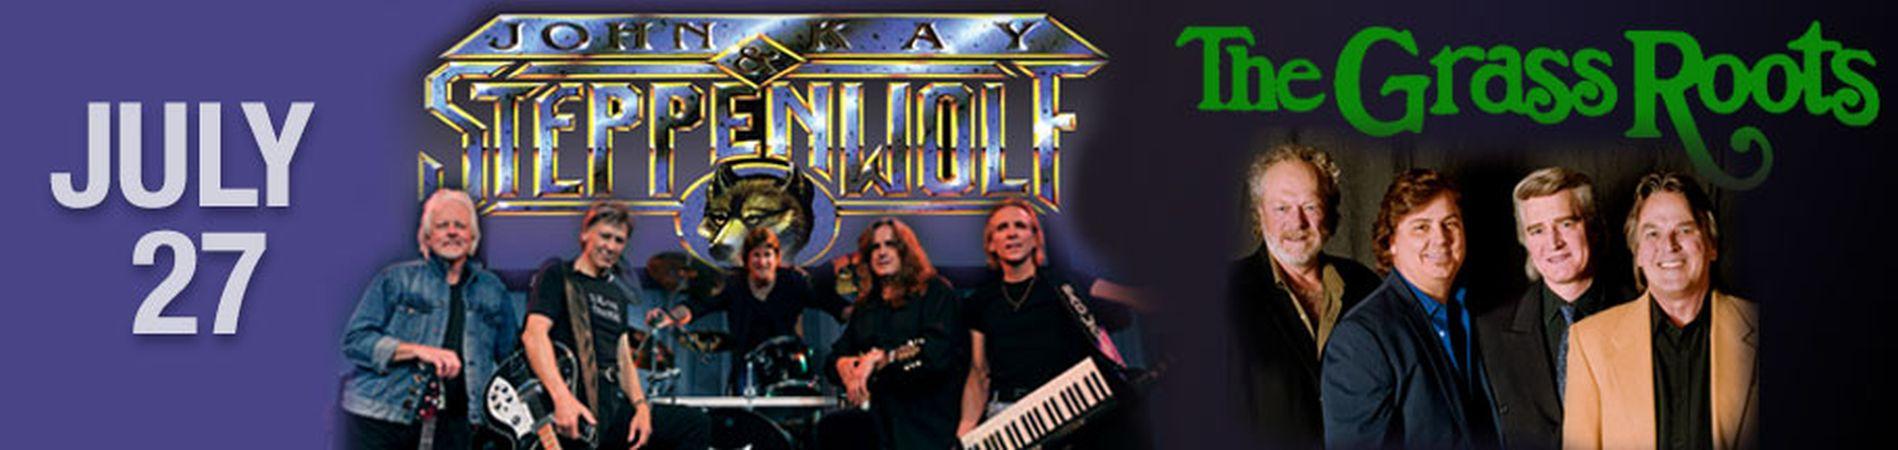 OC Fair concert preview: Steppenwolf